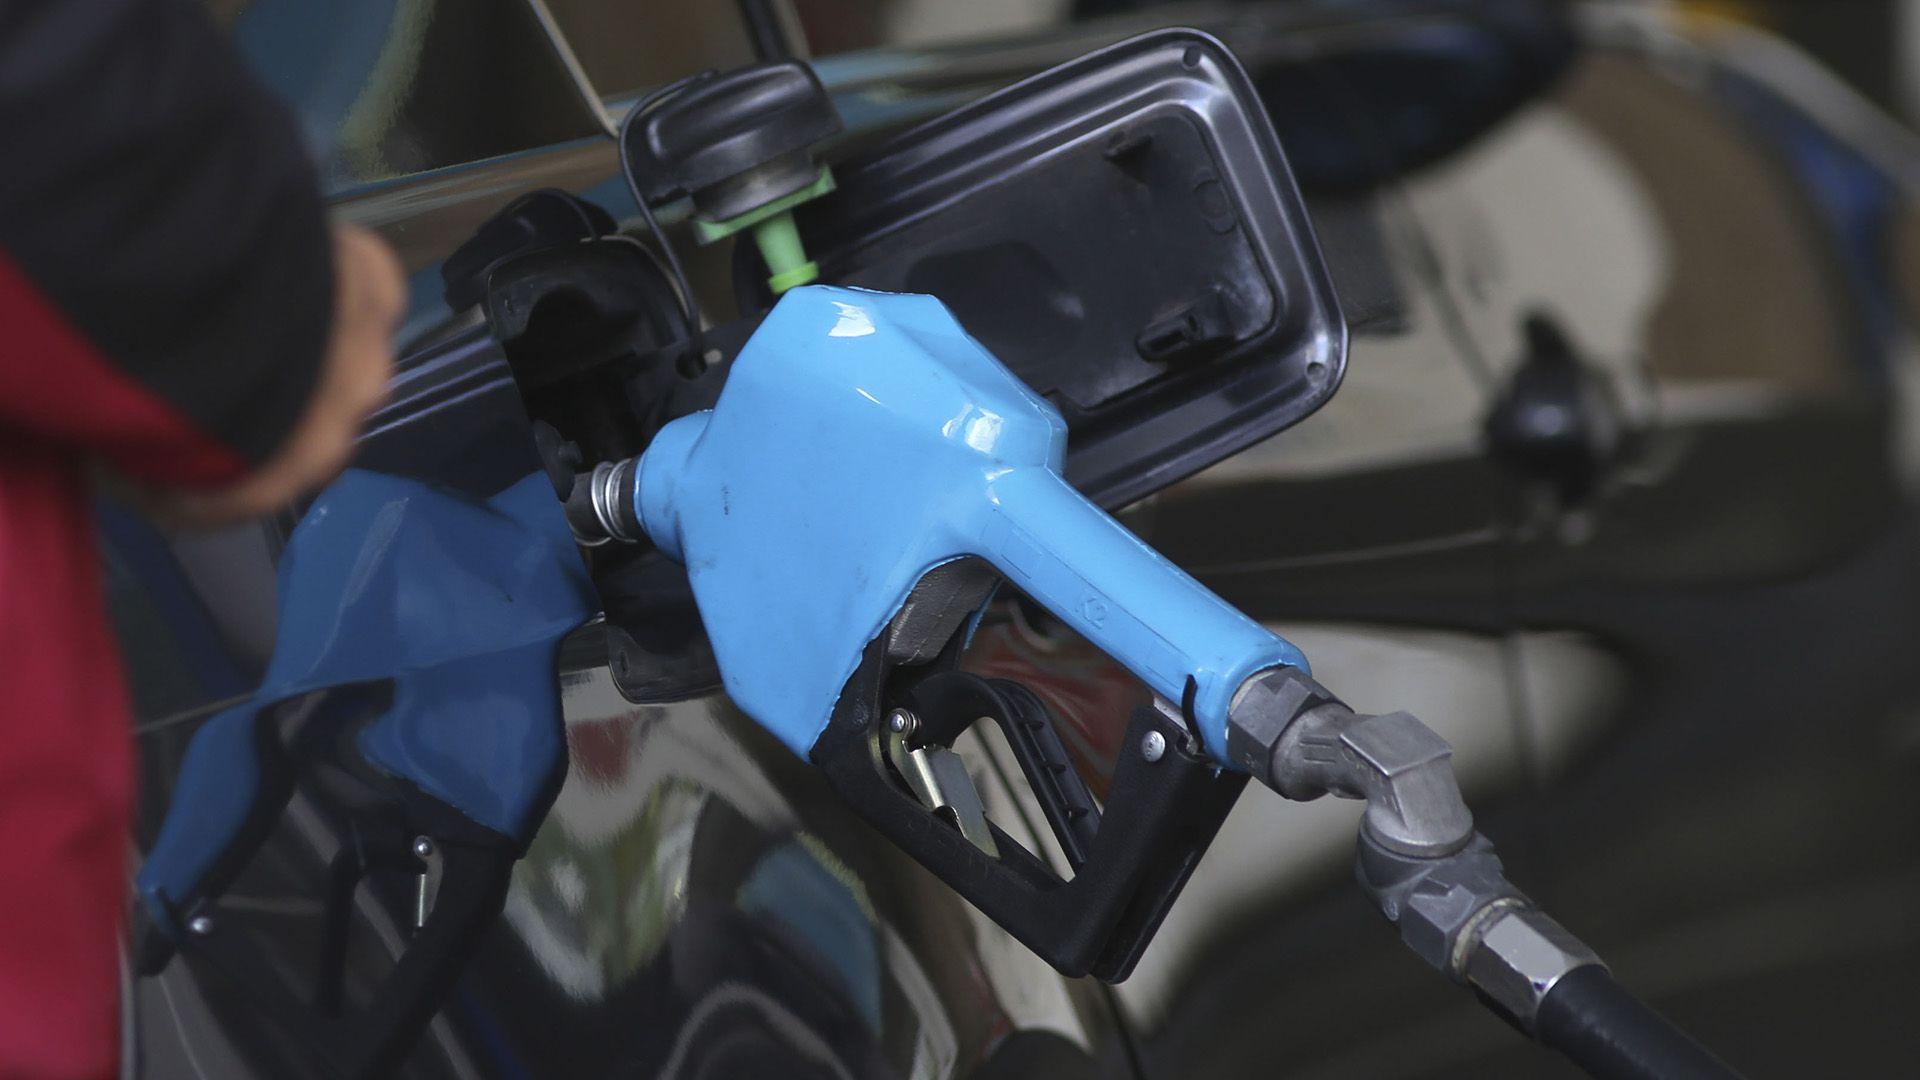 Con este acuerdo todo hace suponer que el combustible no debería aumentar hasta octubre